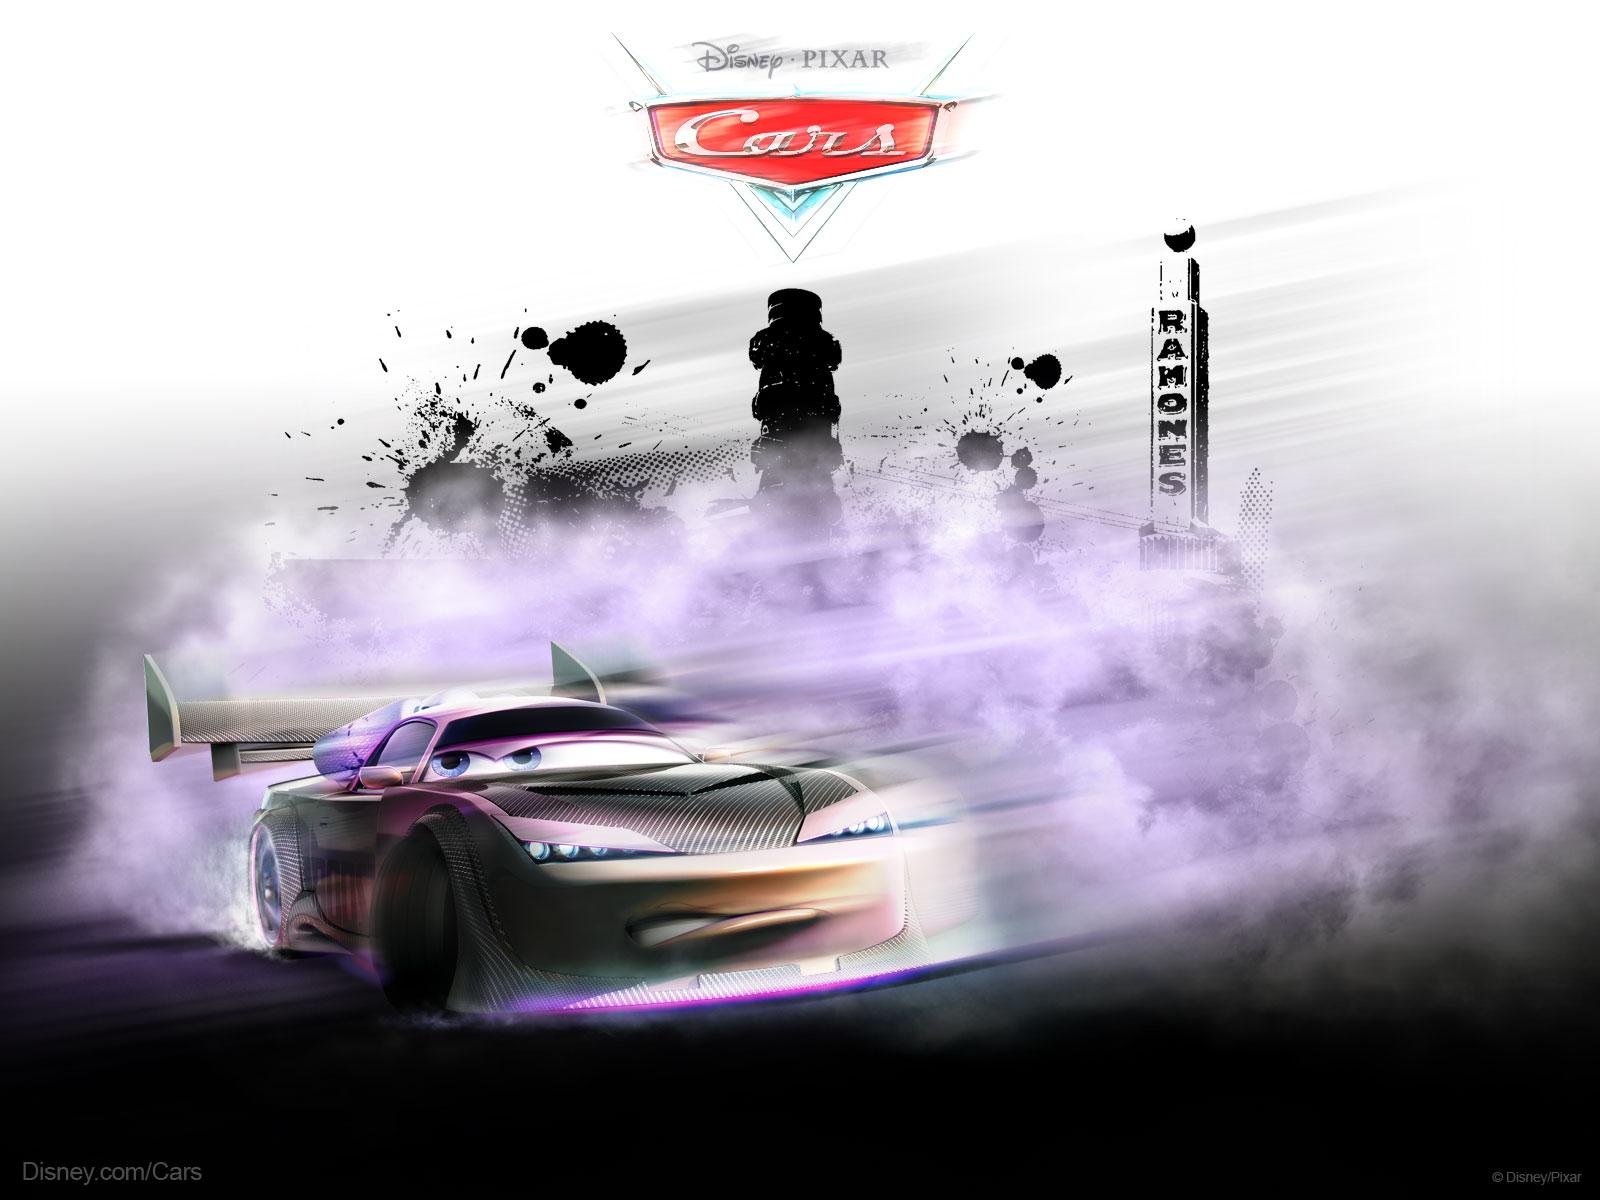 http://3.bp.blogspot.com/-hK5LWZJVBlY/TZP5pRjC7qI/AAAAAAAAAMc/BOcibBYAP5E/s1600/boost-Pixar-Cars-Wallpaper.jpg